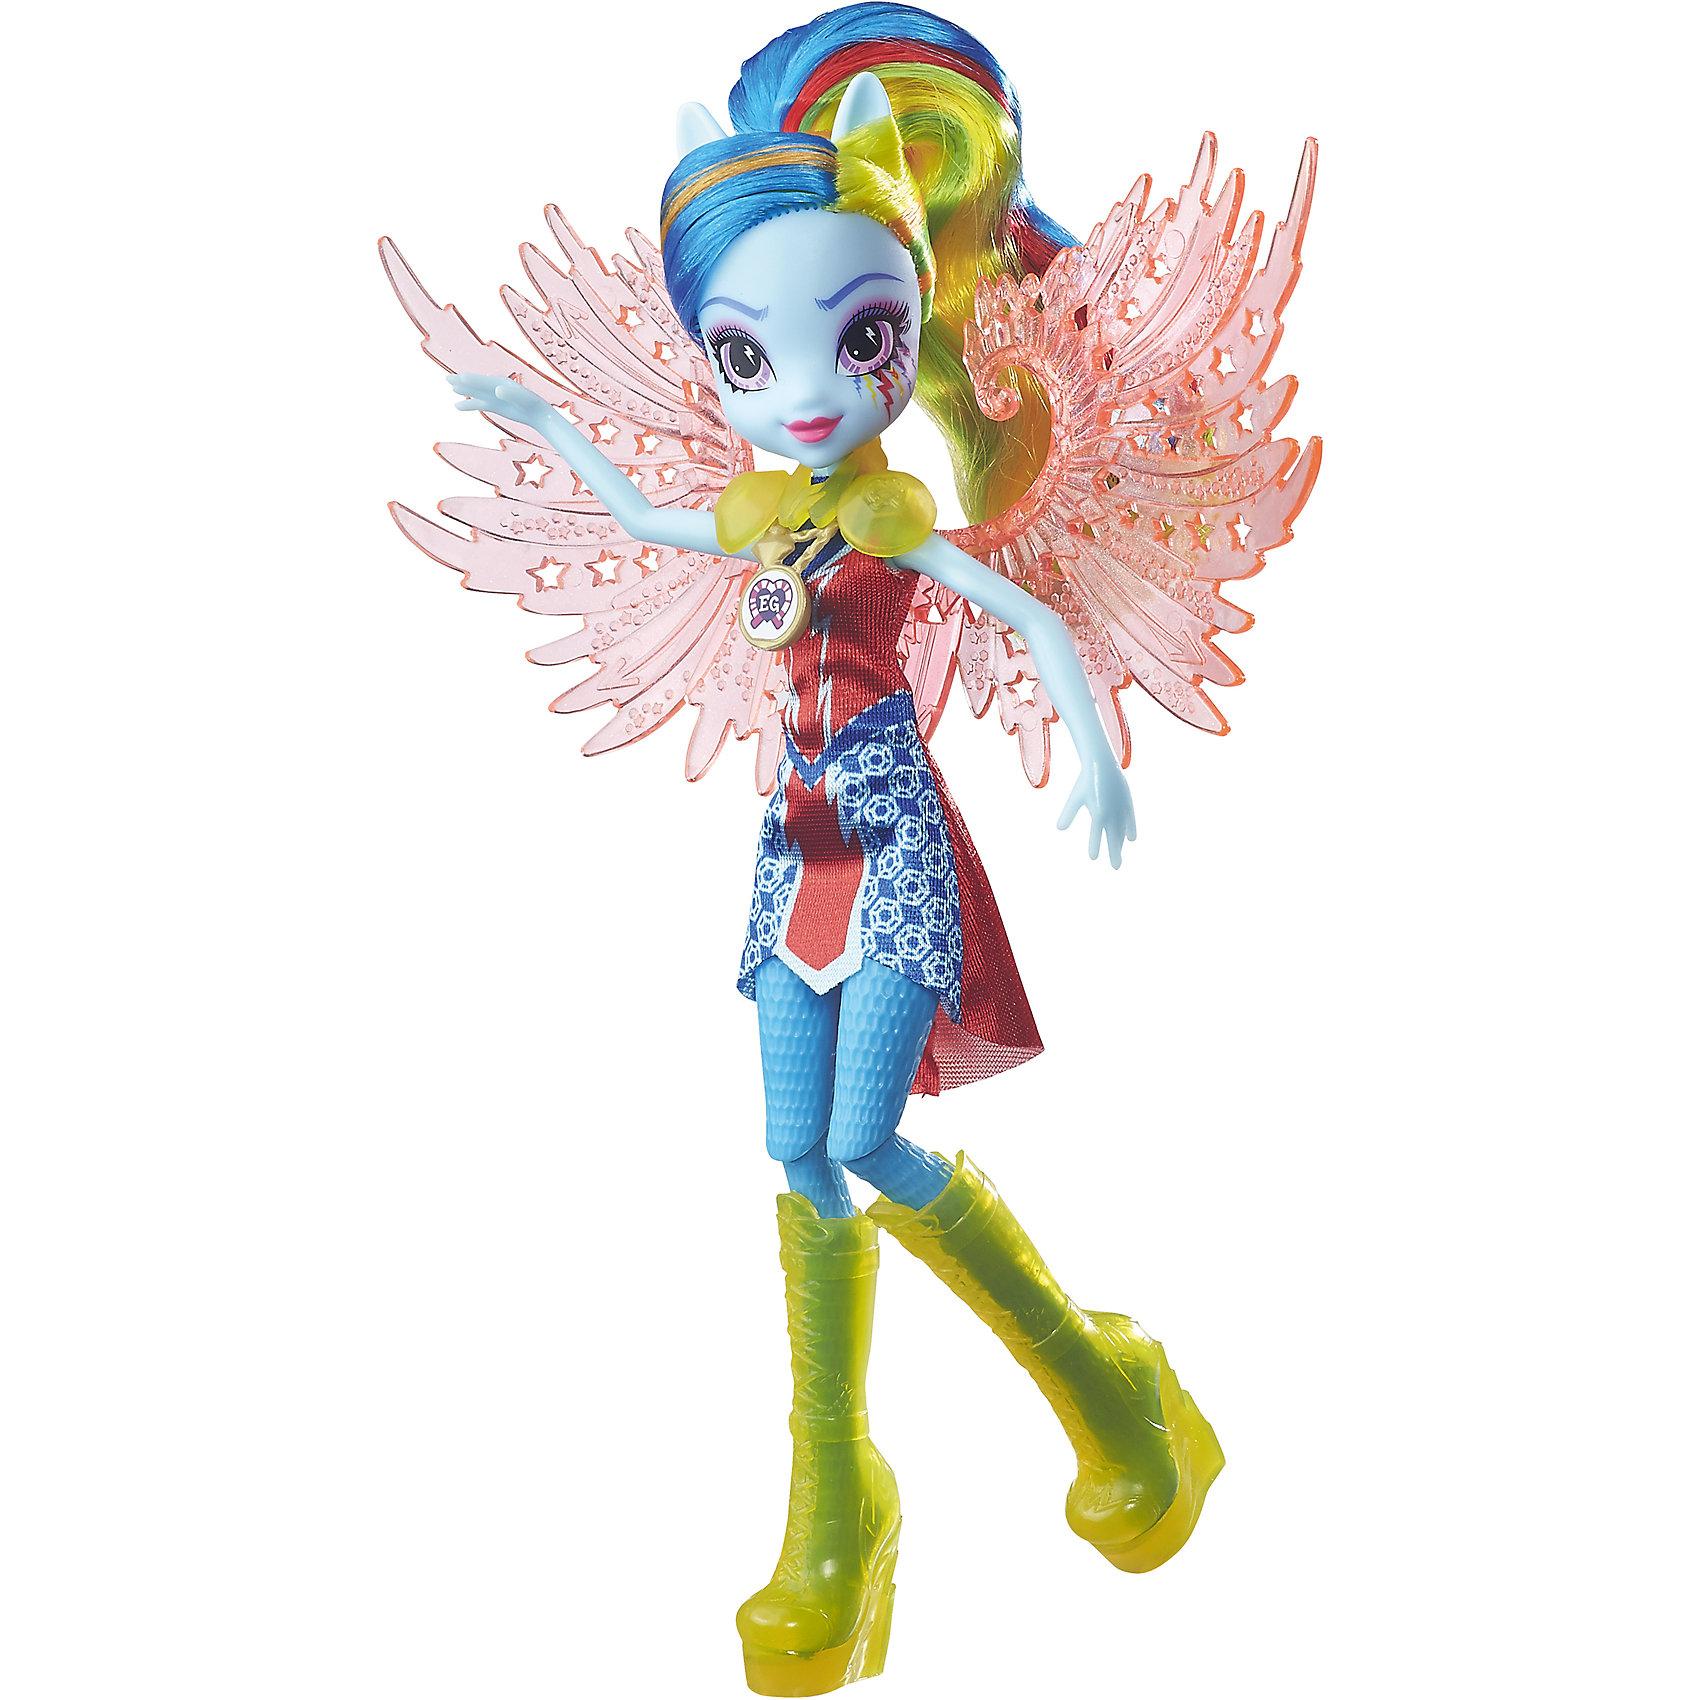 Кукла Эквестрия Герлз Легенды вечнозеленого леса Crystal Wings - Рейнбоу ДэшИгрушки<br>Кукла делюкс Легенда Вечнозеленого леса, с аксессуарами, Эквестрия герлз (Equestria Girls), B6479/B7533. <br><br>Характеристика: <br><br>• Материал: пластик. <br>• Размер куклы: 22 см. <br>• В комплекте кукла в одежде и обуви. <br>• Отличная детализация. <br>• Голова, руки, ноги подвижные (9 точек артикуляции). <br>• Реалистичные позы. <br>• Специальный код, с помощью которого можно разблокировать новые наряды и аксессуары в мобильном приложения MY LITTLE PONY EQUESTRIA GIRLS.<br><br>Очаровательные девочки Эквестрии приведут в восторг всех поклонниц My little Pony (Май литл Пони)! Красавица Радуга Дэш имеет нежно-голубую кожу и ярко-голубые волосы с разноцветными прядями, из них получится множество удивительных причесок. Стильная обувь, аксессуары и оригинальный наряд с прозрачными крыльями делают девочку просто неотразимой! Множество точек артикуляции и отличная детализация делают игры с куклой еще увлекательнее и интереснее. <br><br>Собери всех кукол коллекции, проигрывай любимые сюжеты, придумывай свои новые истории или устрой веселую вечеринку в стиле My little Pony (Моя маленькая Пони). <br><br>Куклу делюкс Легенда Вечнозеленого леса, с аксессуарами, Эквестрия герлз (Equestria Girls), B6479/B7533, можно купить в нашем интернет-магазине.<br><br>Ширина мм: 50<br>Глубина мм: 190<br>Высота мм: 305<br>Вес г: 290<br>Возраст от месяцев: 60<br>Возраст до месяцев: 144<br>Пол: Женский<br>Возраст: Детский<br>SKU: 5395773